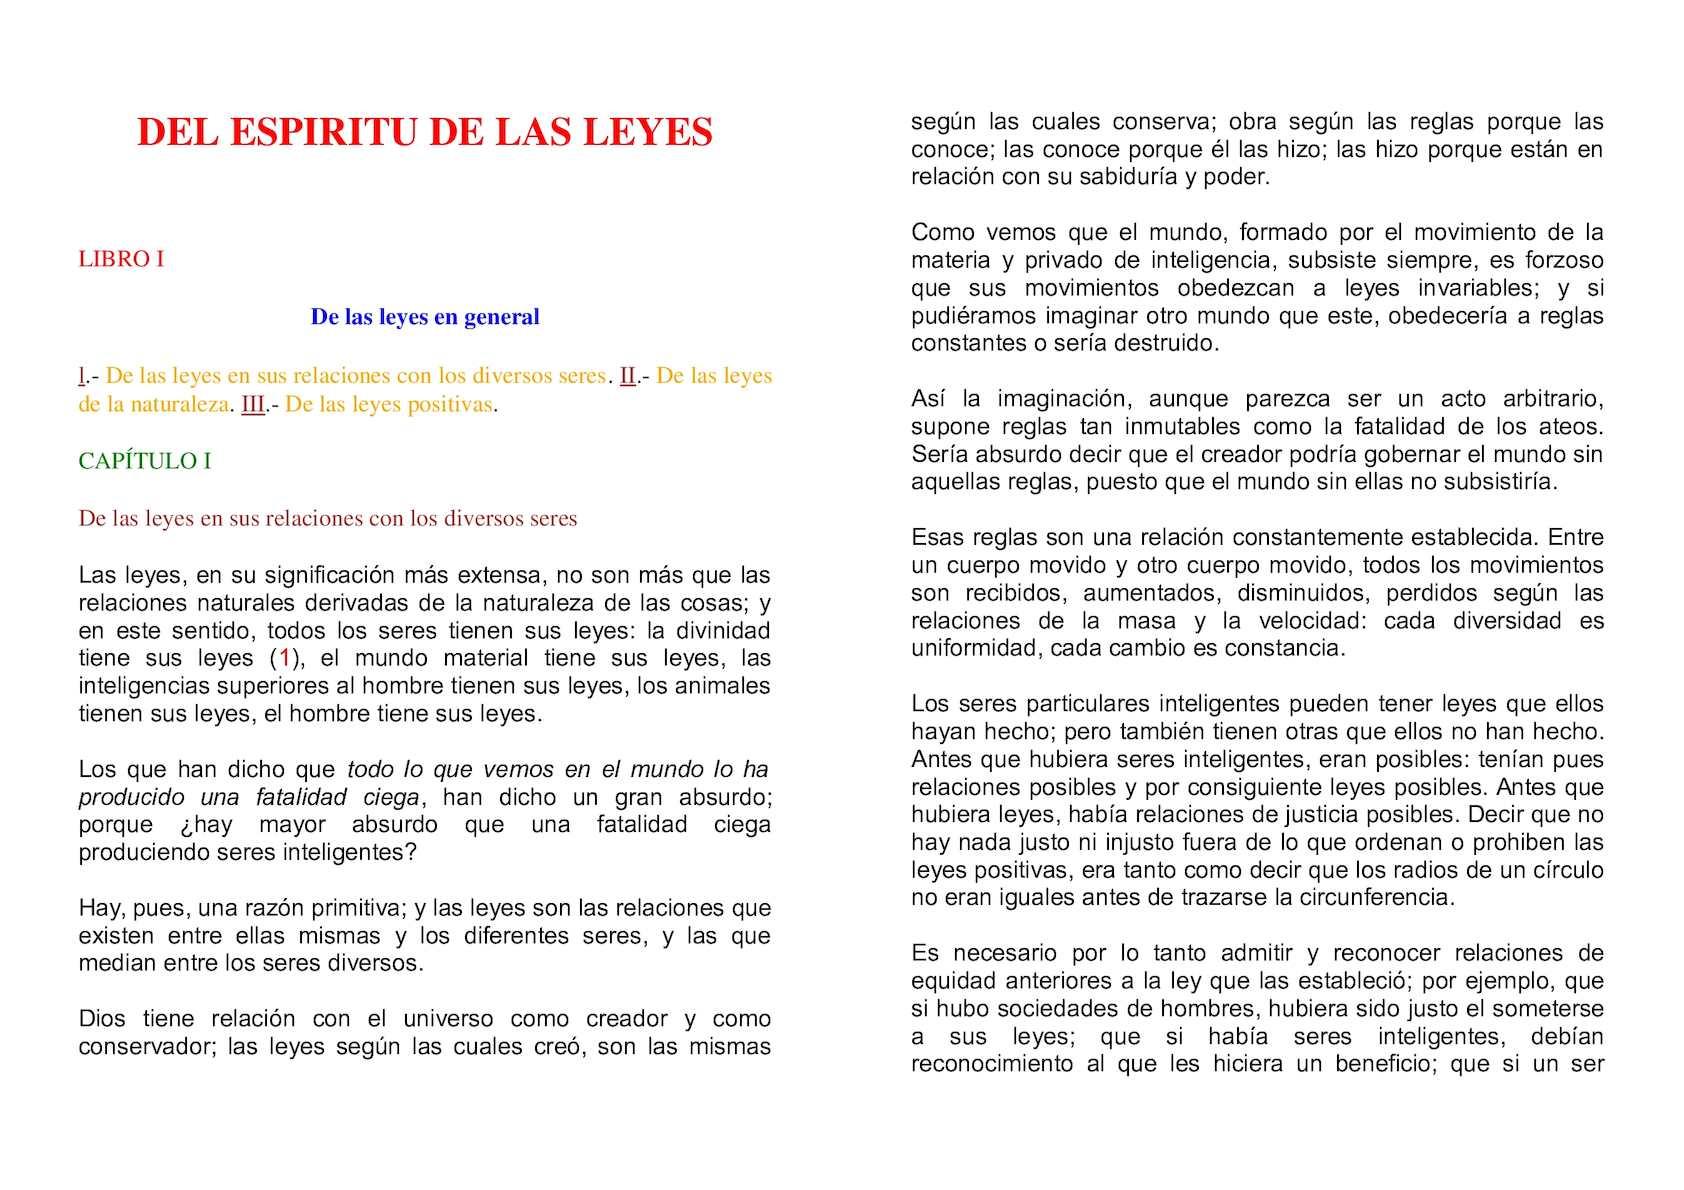 Calaméo - DEL ESPIRITU DE LAS LEYES . d18d9b5a61f6